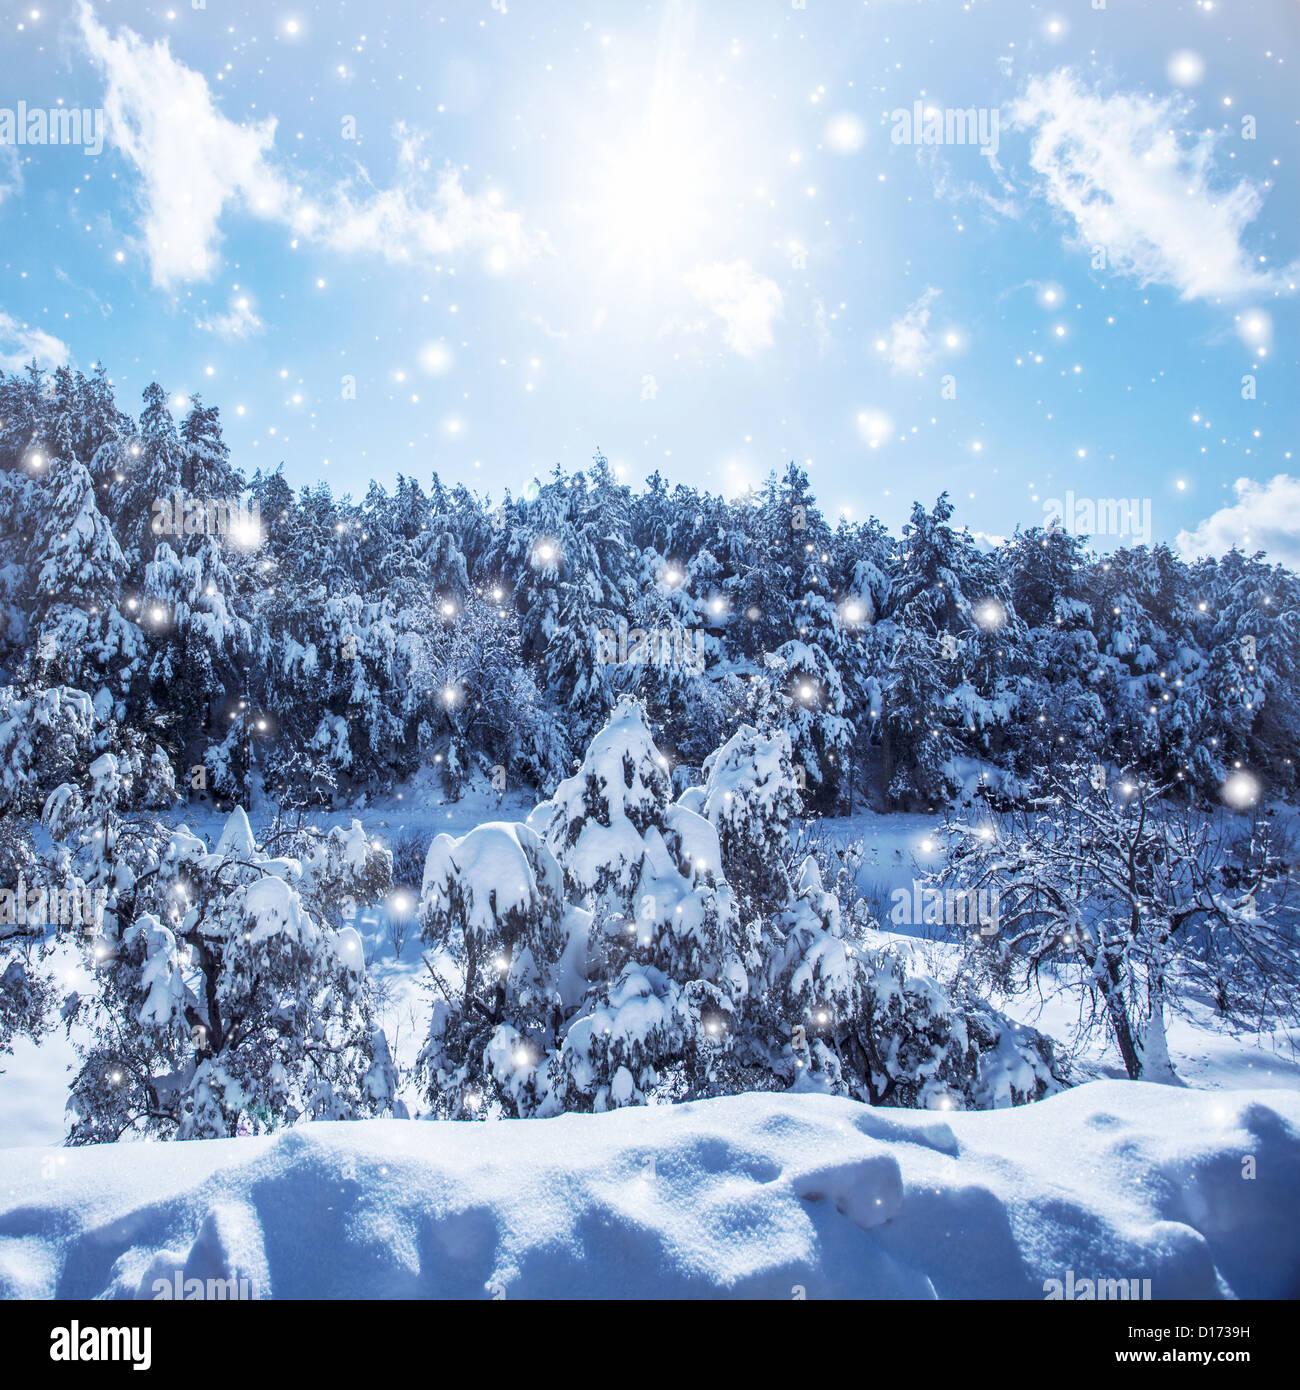 Immagine della nevicata nel bosco, la foresta di abeti coperti di neve bianca, snowy conifera in montagna, freddo Immagini Stock